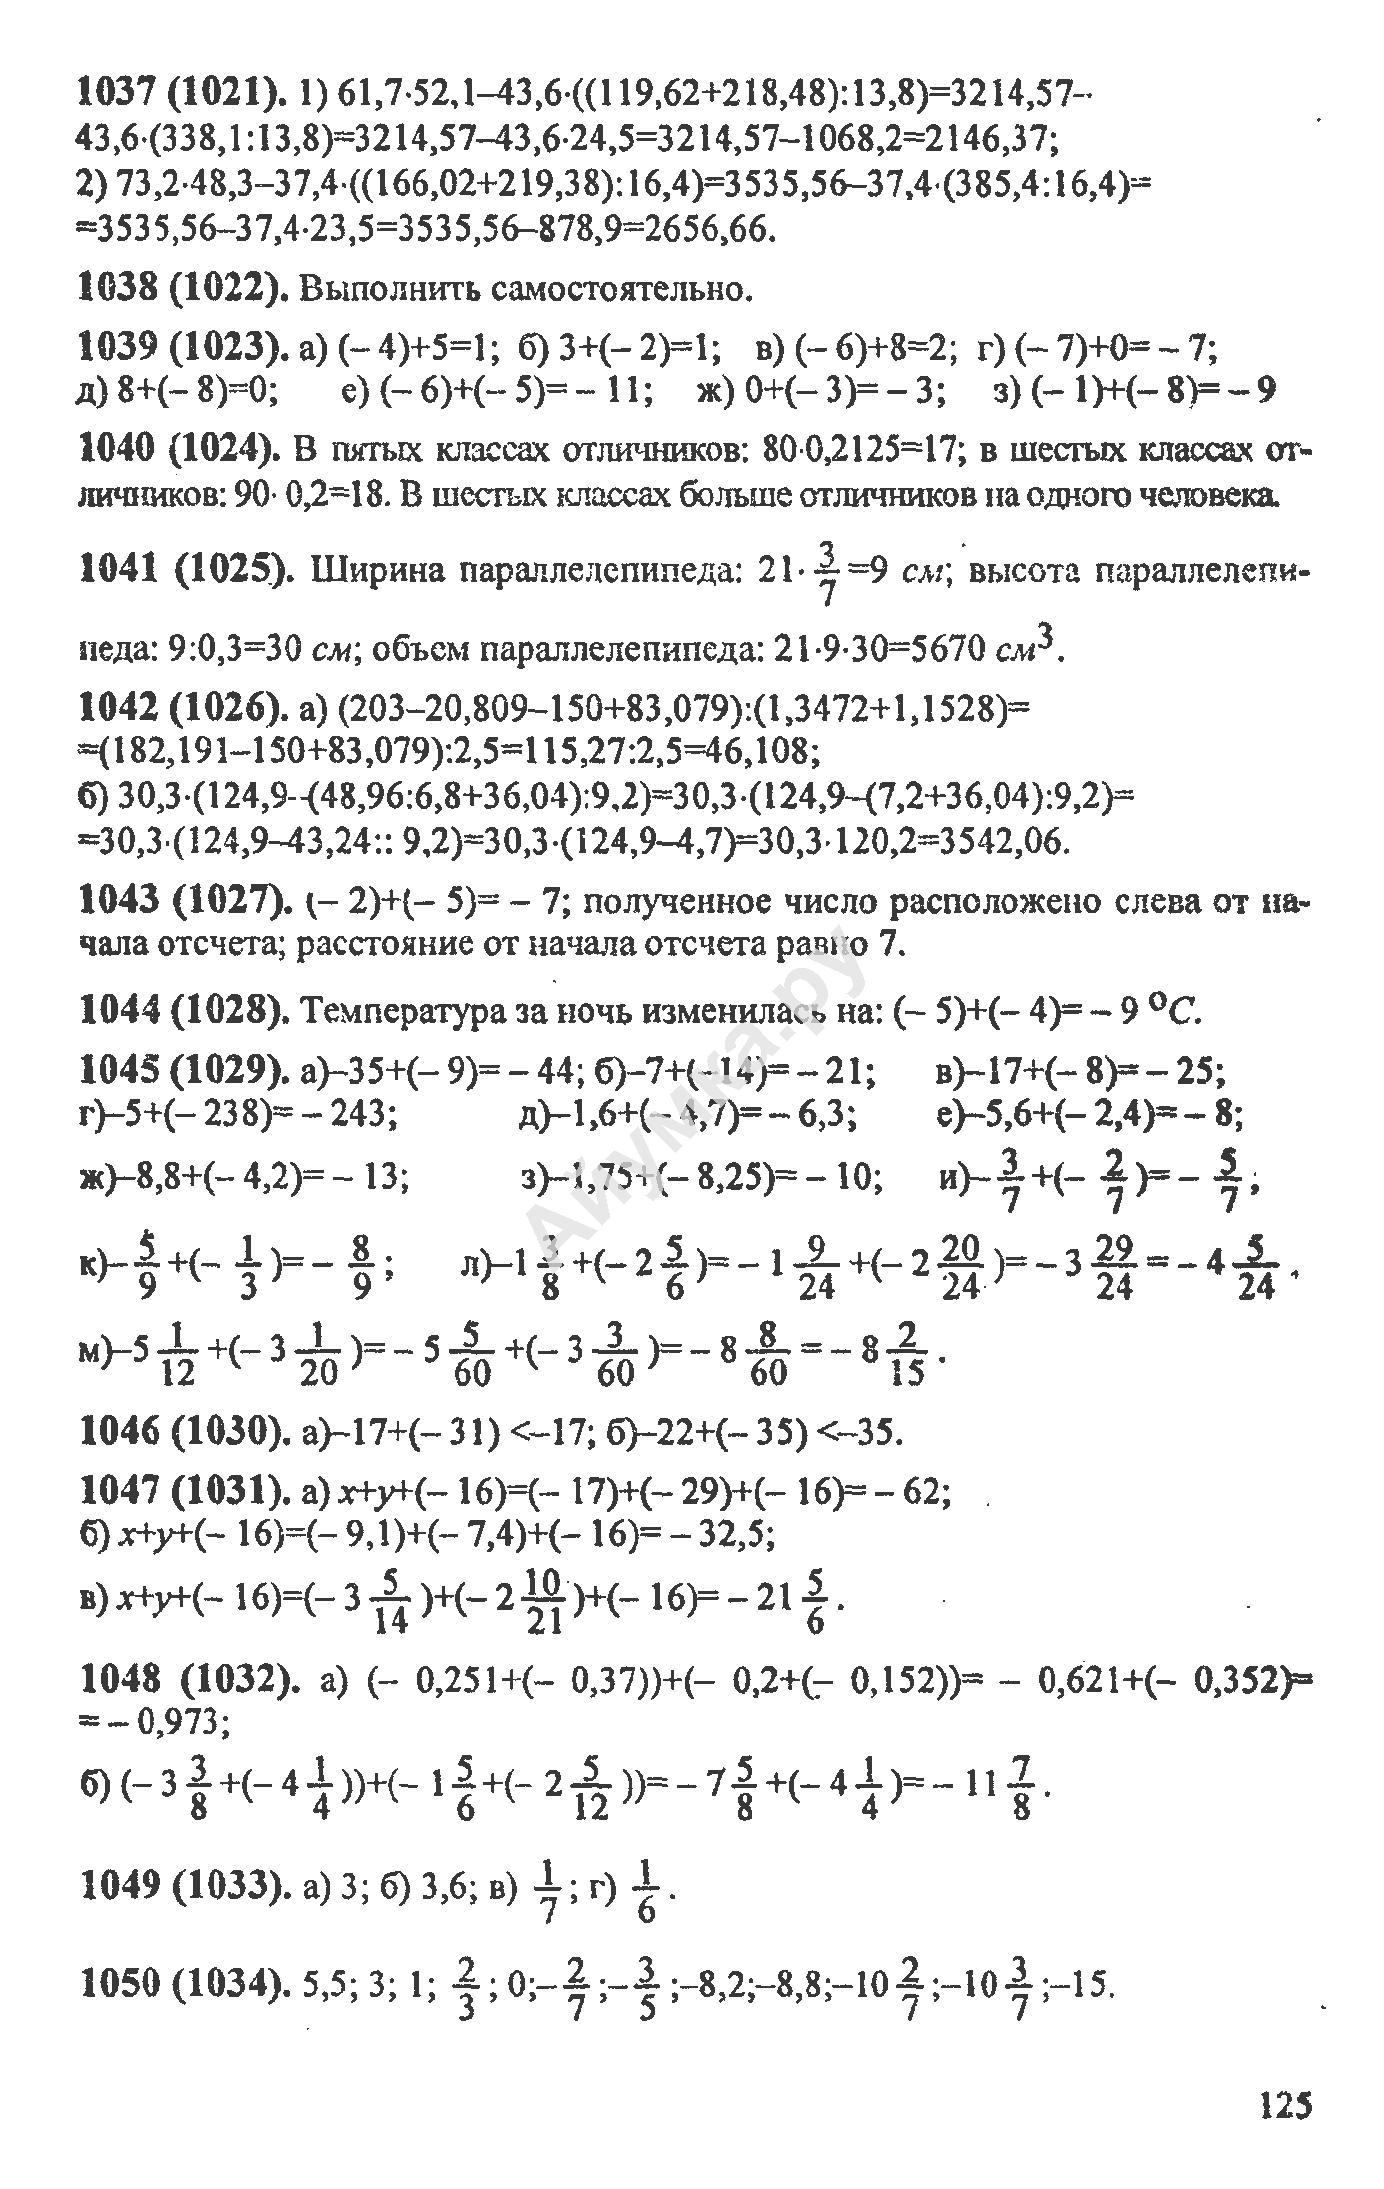 Учебник по истории древнего мира 6 класс а.и.шалагинова читать